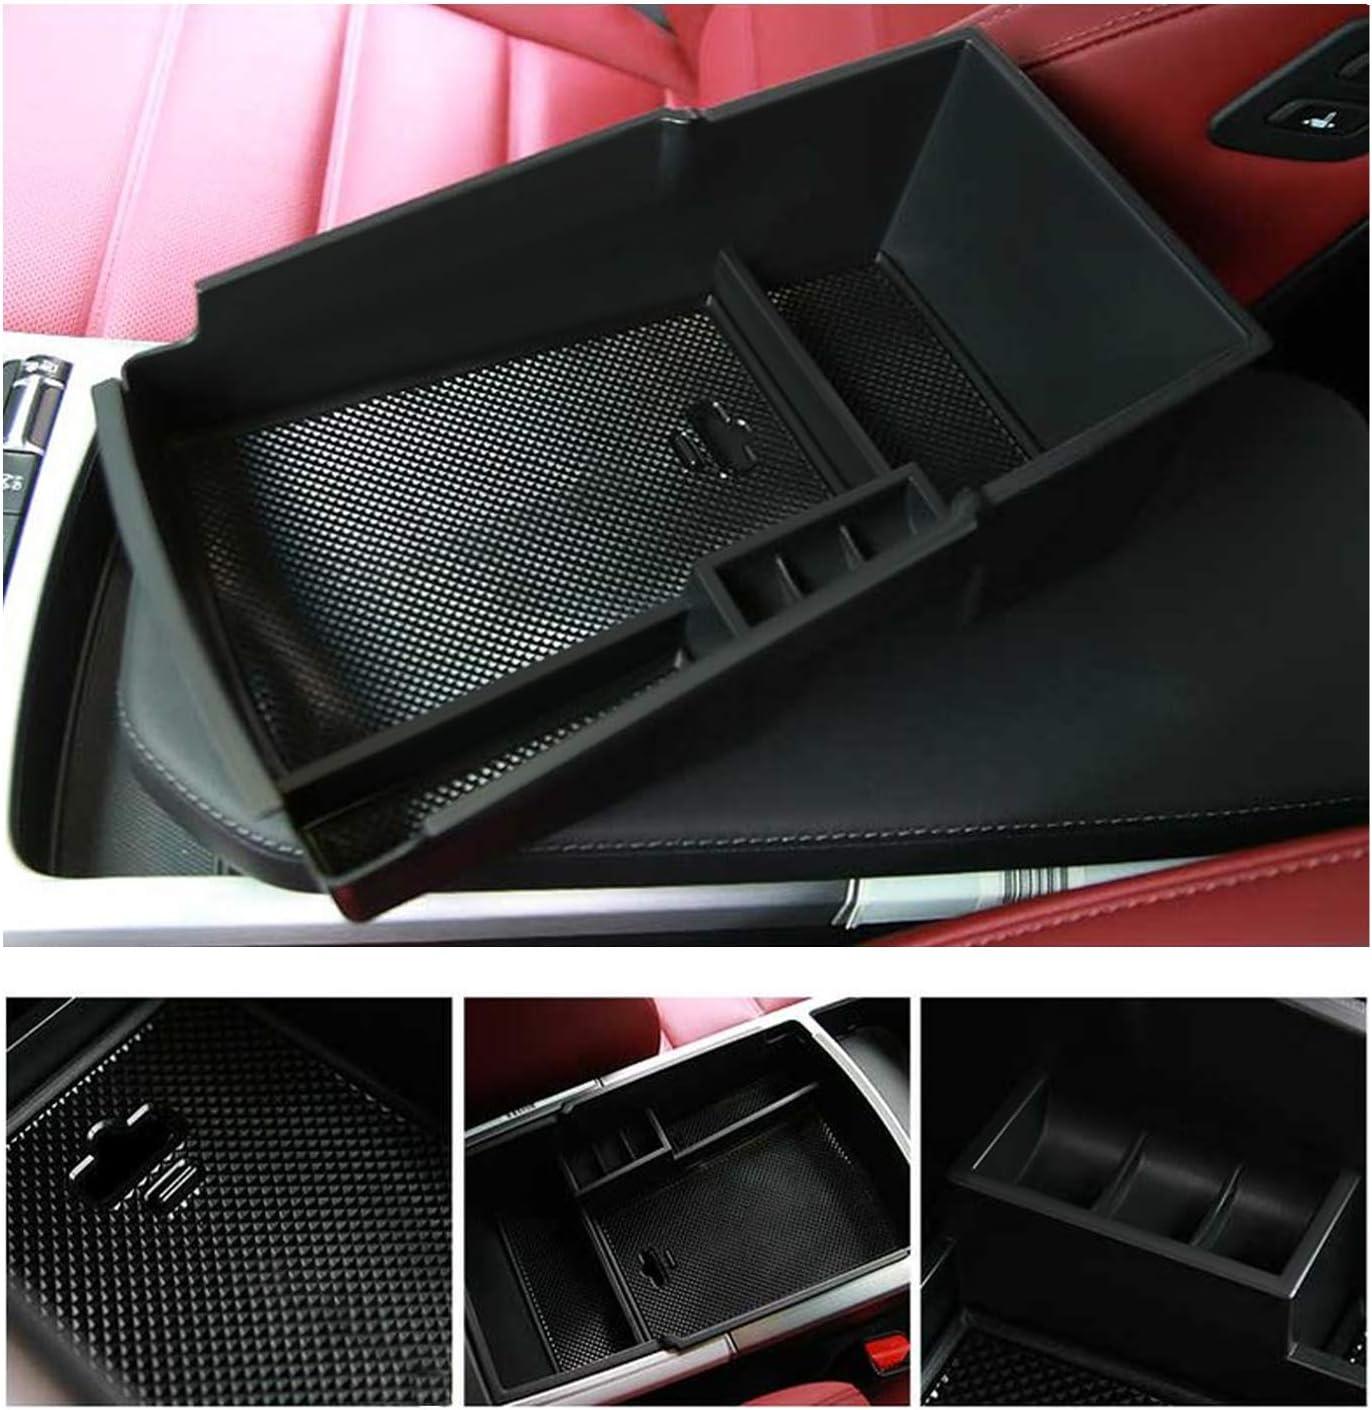 LFOTPP Stinger Mittelkonsole Aufbewahrungsbox Tray Storage Box accesorios Armlehne Organizer Mittelarmlehne guantera